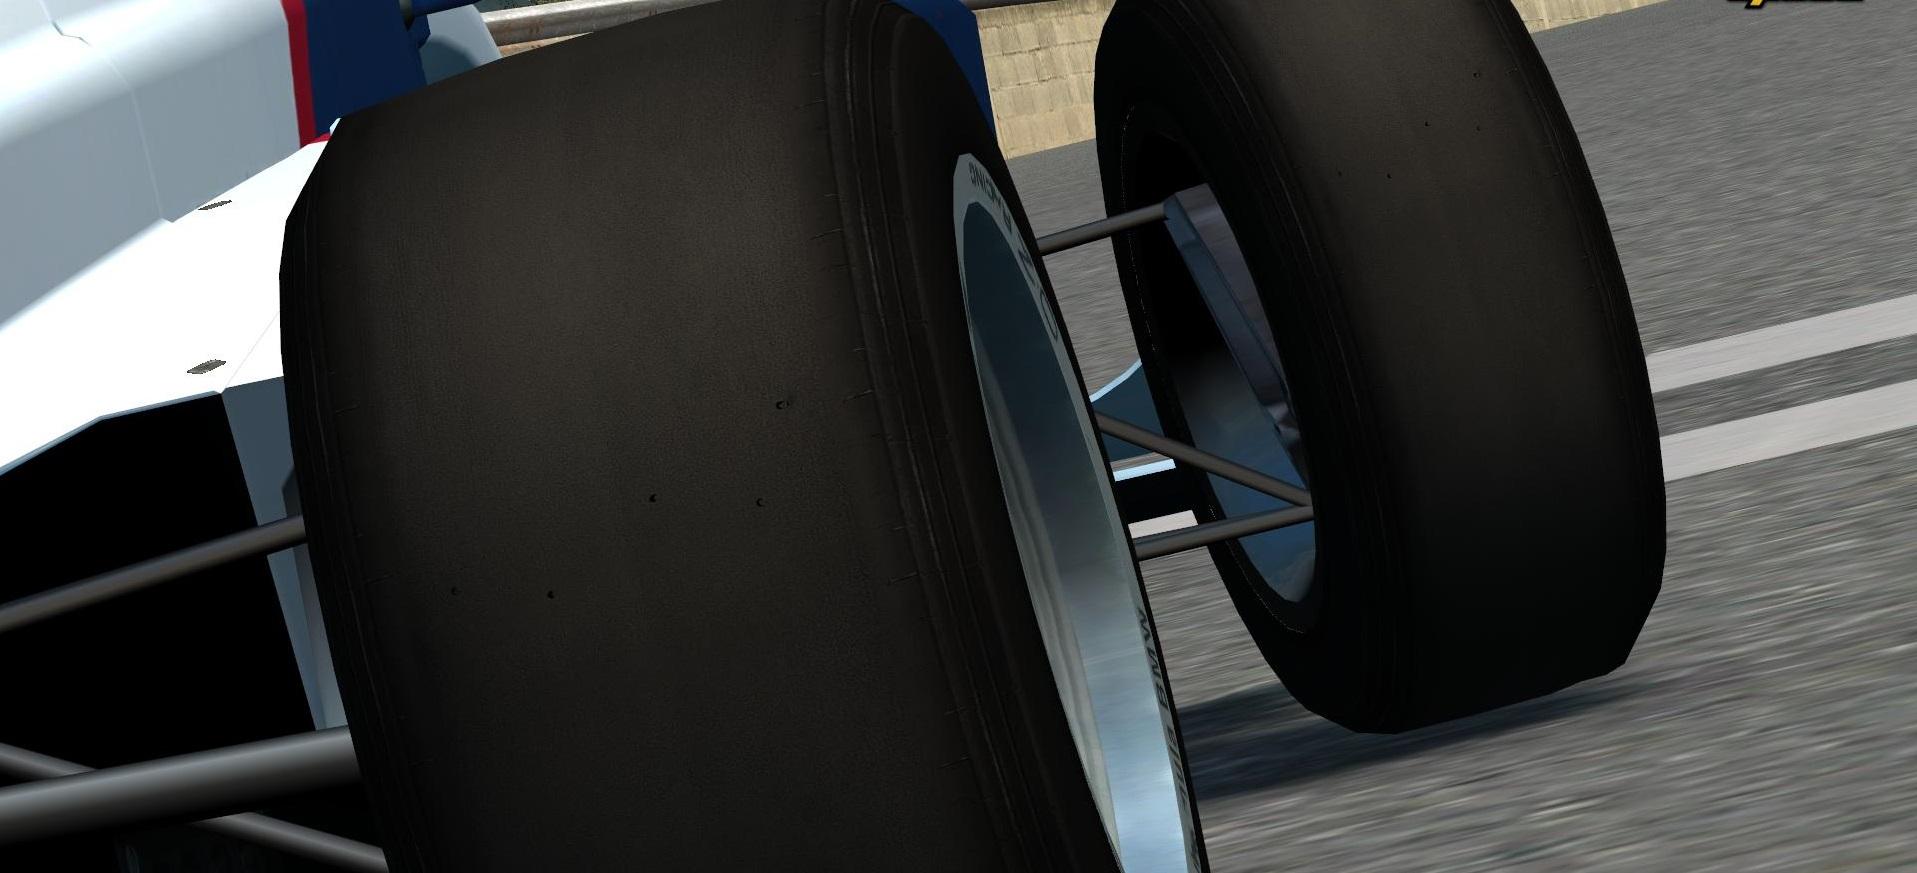 Worst Sim Car.jpg